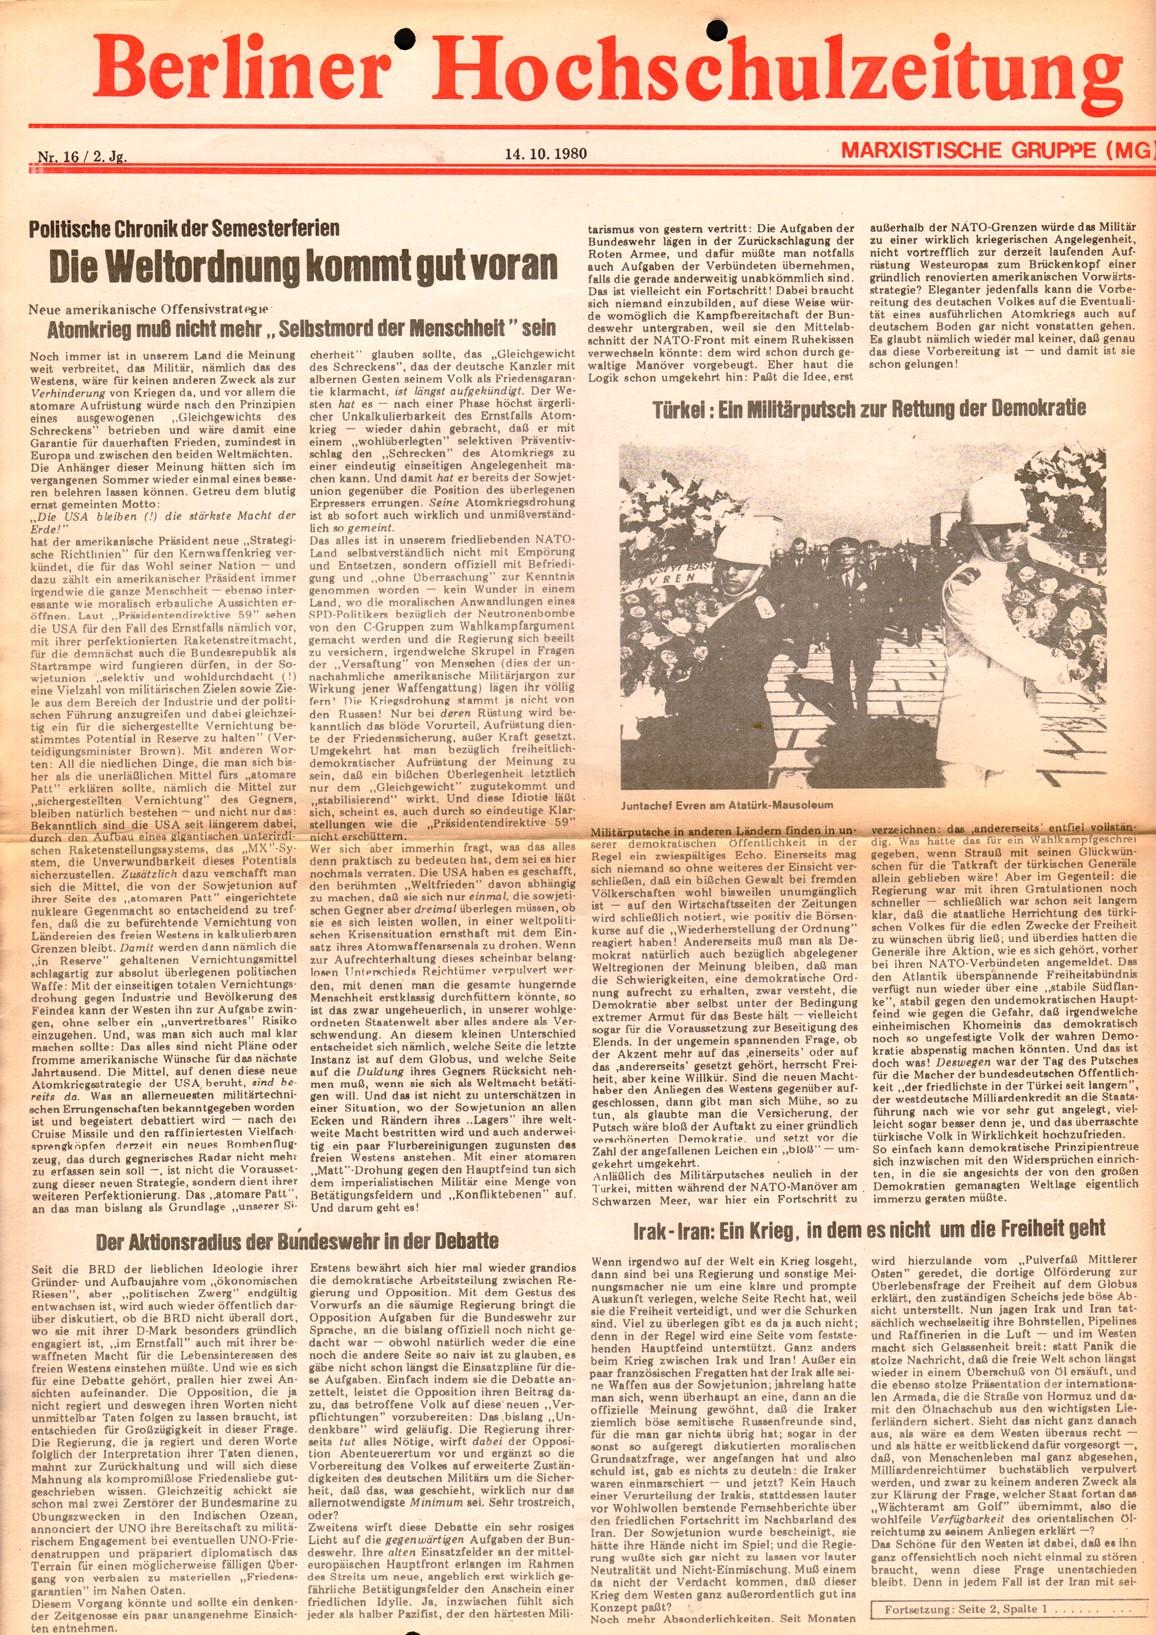 Berlin_MG_Hochschulzeitung_19801014_01